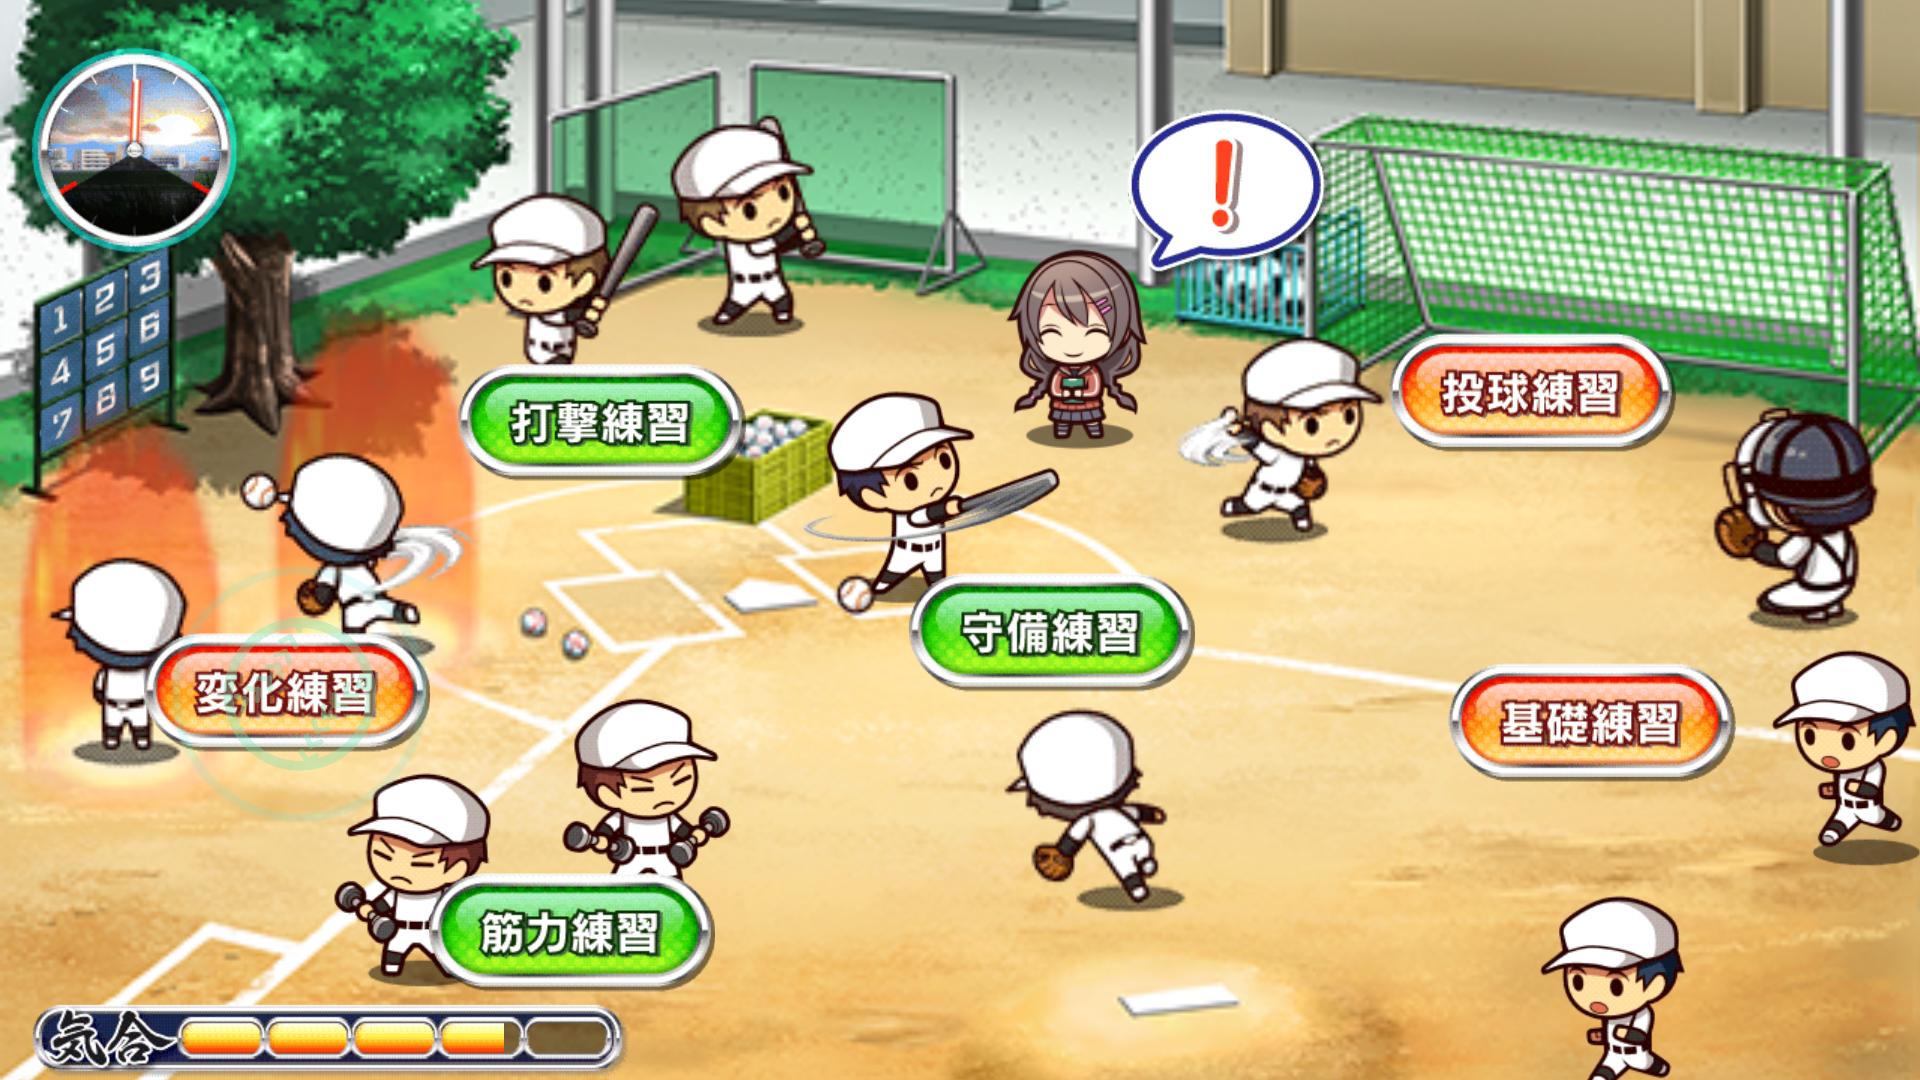 甲子園物語 -ドラマチック高校野球ゲーム- androidアプリスクリーンショット1